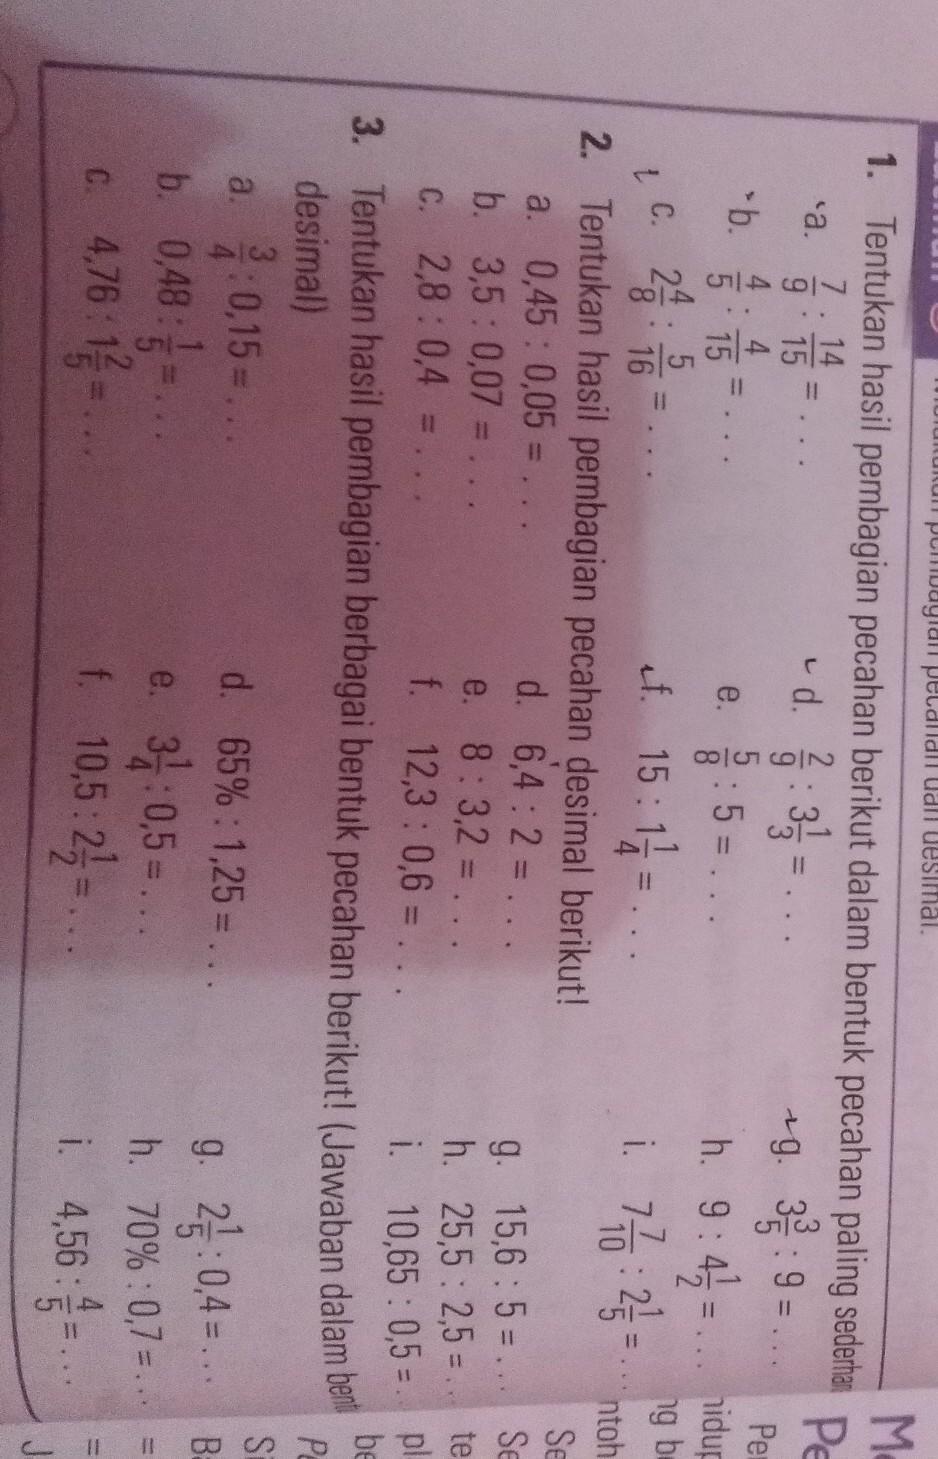 Kunci Jawaban Matematika Kelas 5 Sd Latihan 5 Halaman 16 Melakukan Pecahan Dan Desimal Brainly Co Id